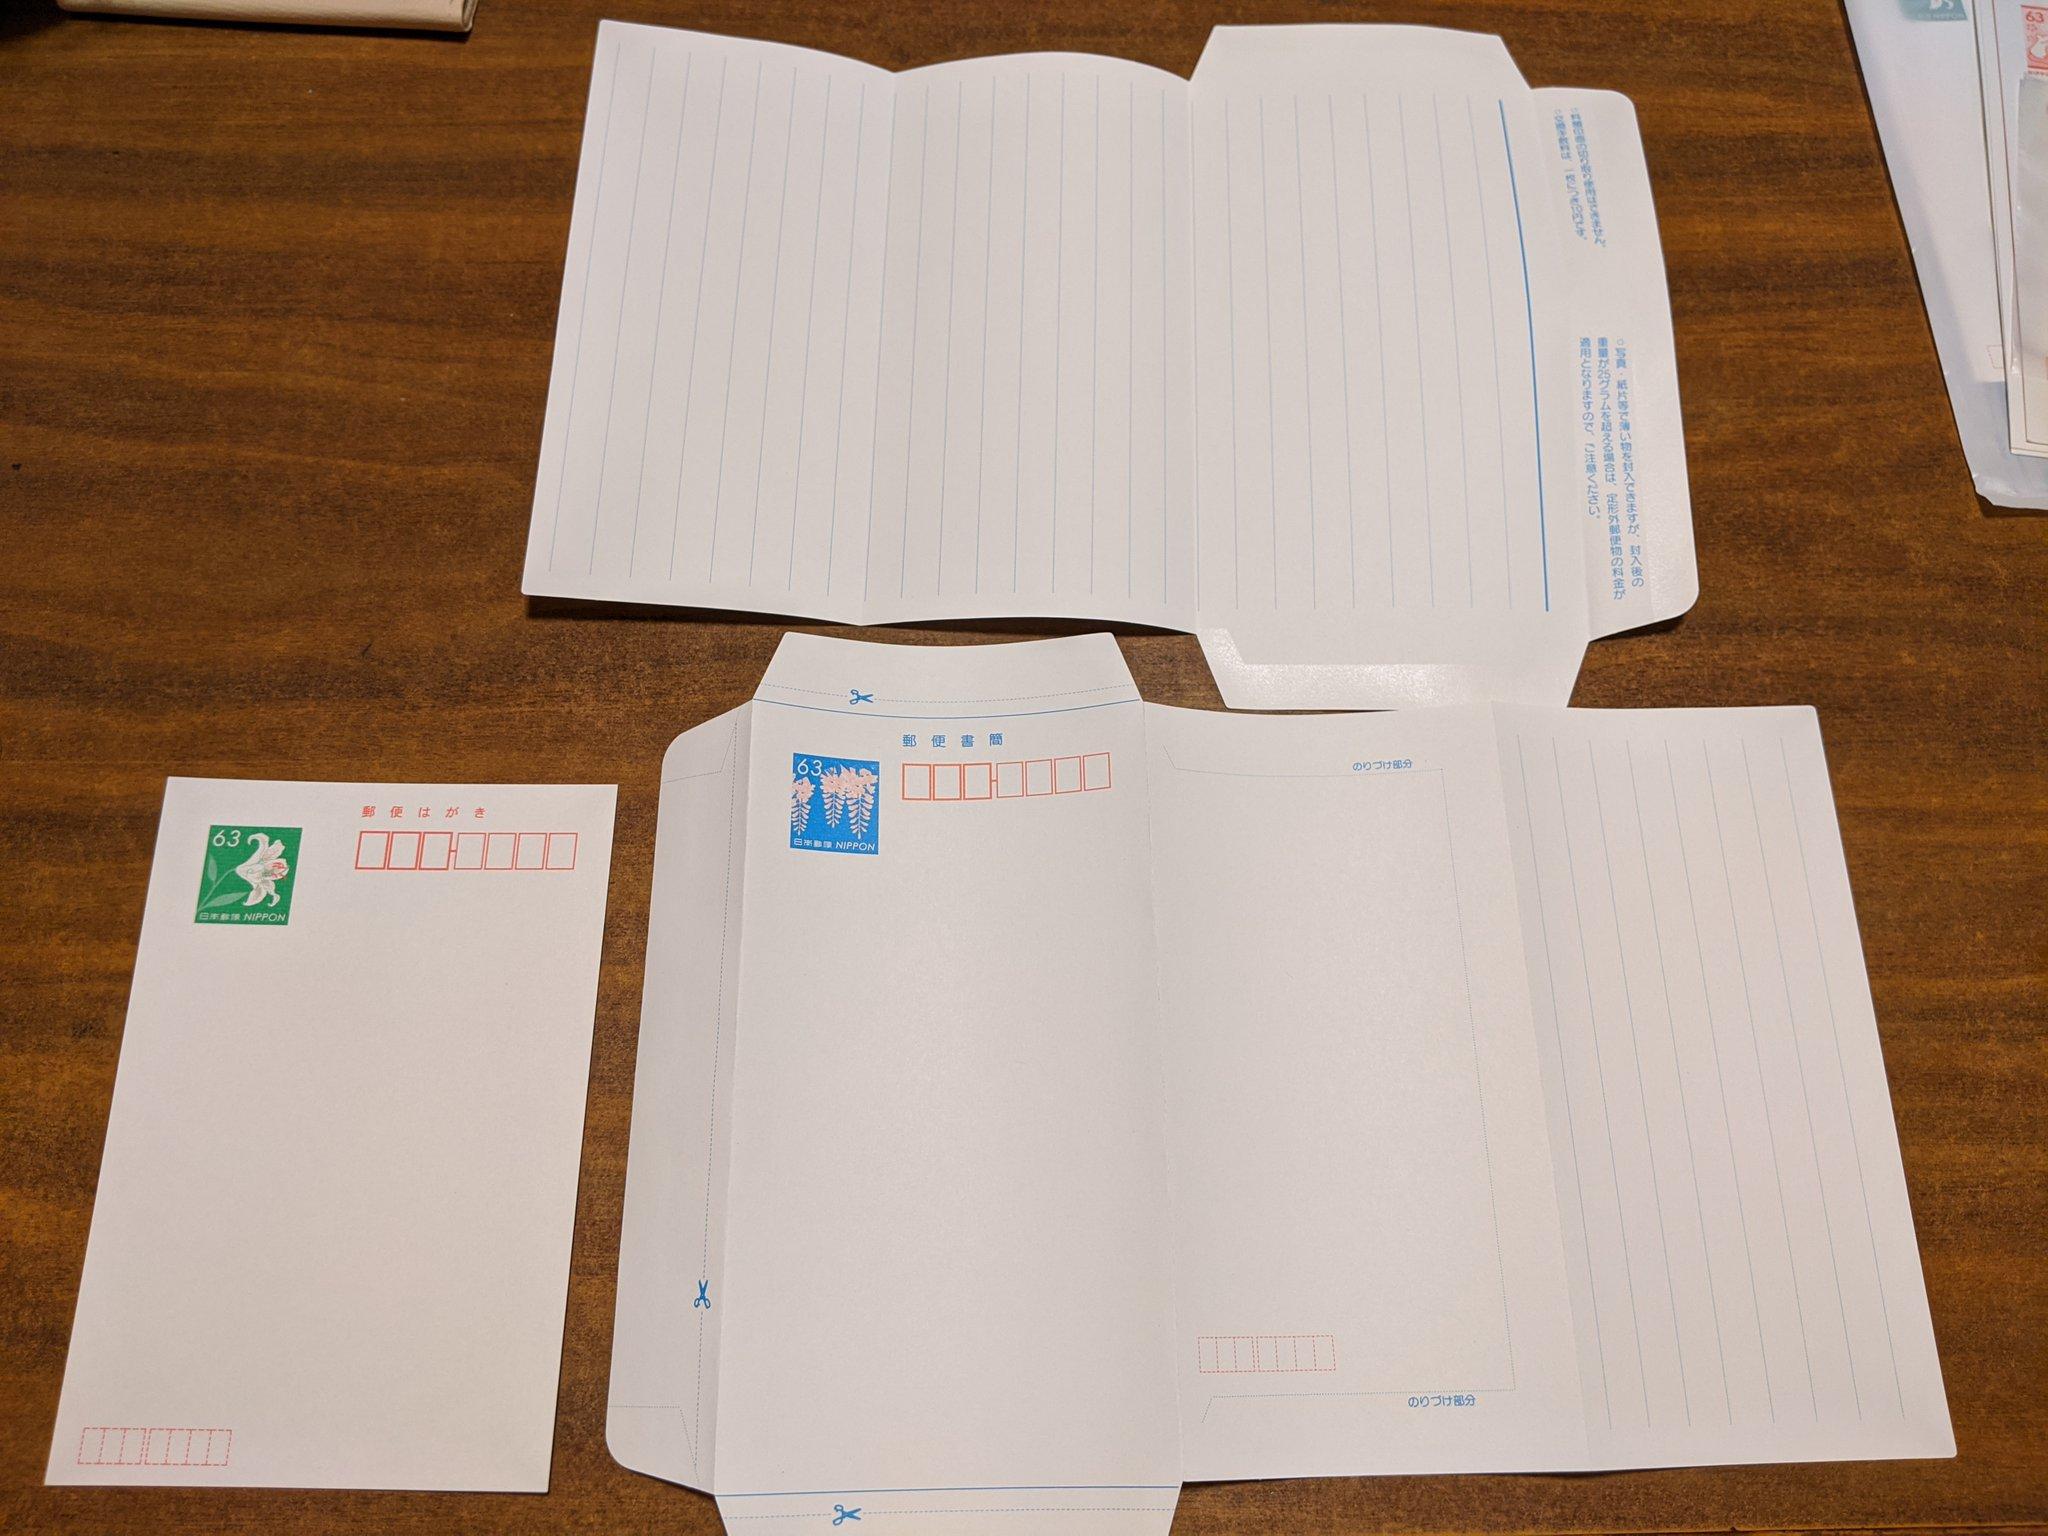 郵便局にはミニレター(63円)という地味な商品があるんだけど、葉書が63円まで値上がりしたことによって、「書ける量は4倍、組み立てて写真やカード、そしてチケットなんかを入れられるのに値段は葉書と変わらない」という完全に価格バグを起こした商品になってしまいました。 これでチケット送ります。